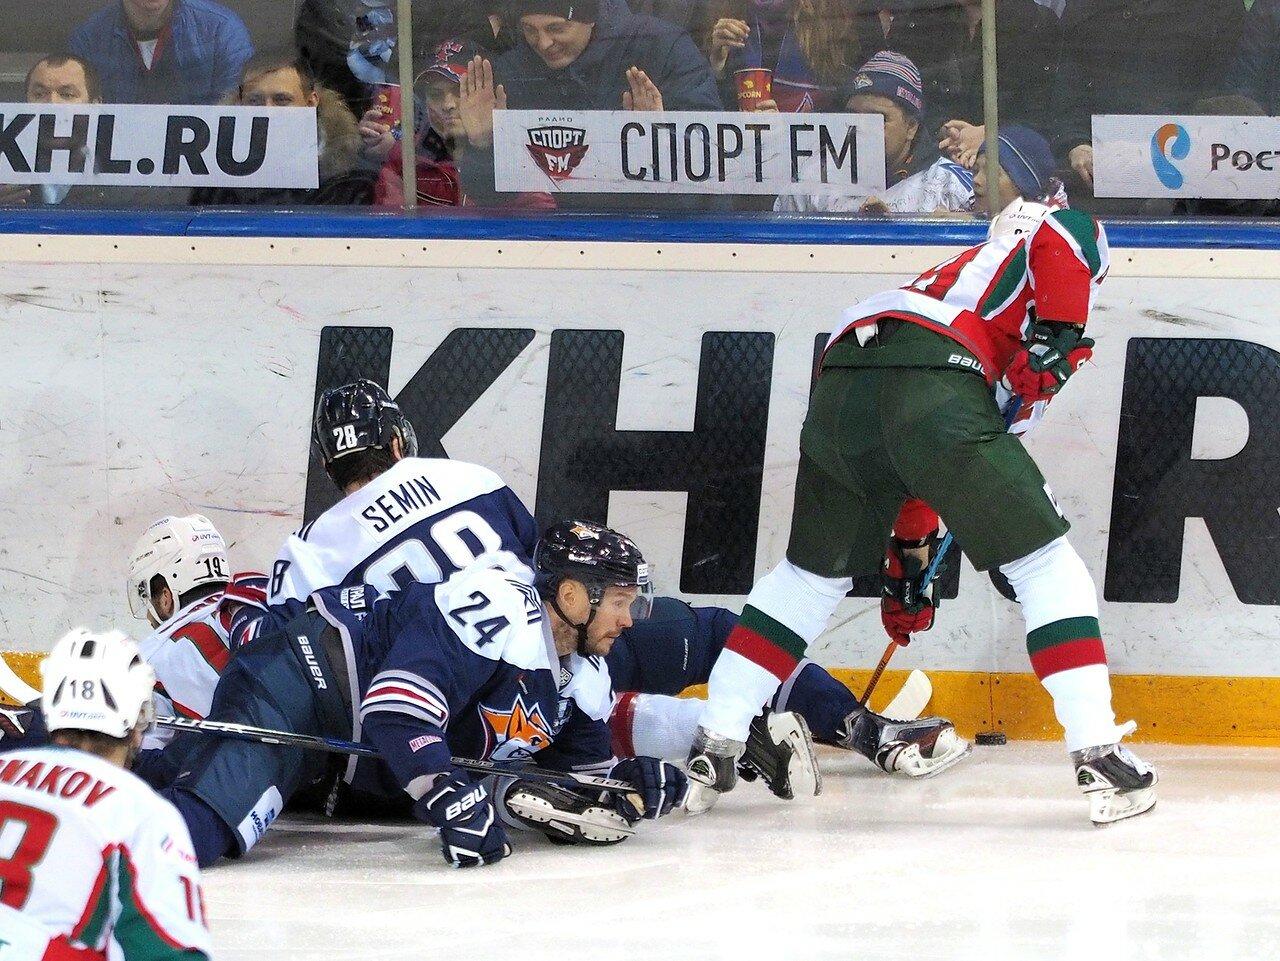 38 Первая игра финала плей-офф восточной конференции 2017 Металлург - АкБарс 24.03.2017